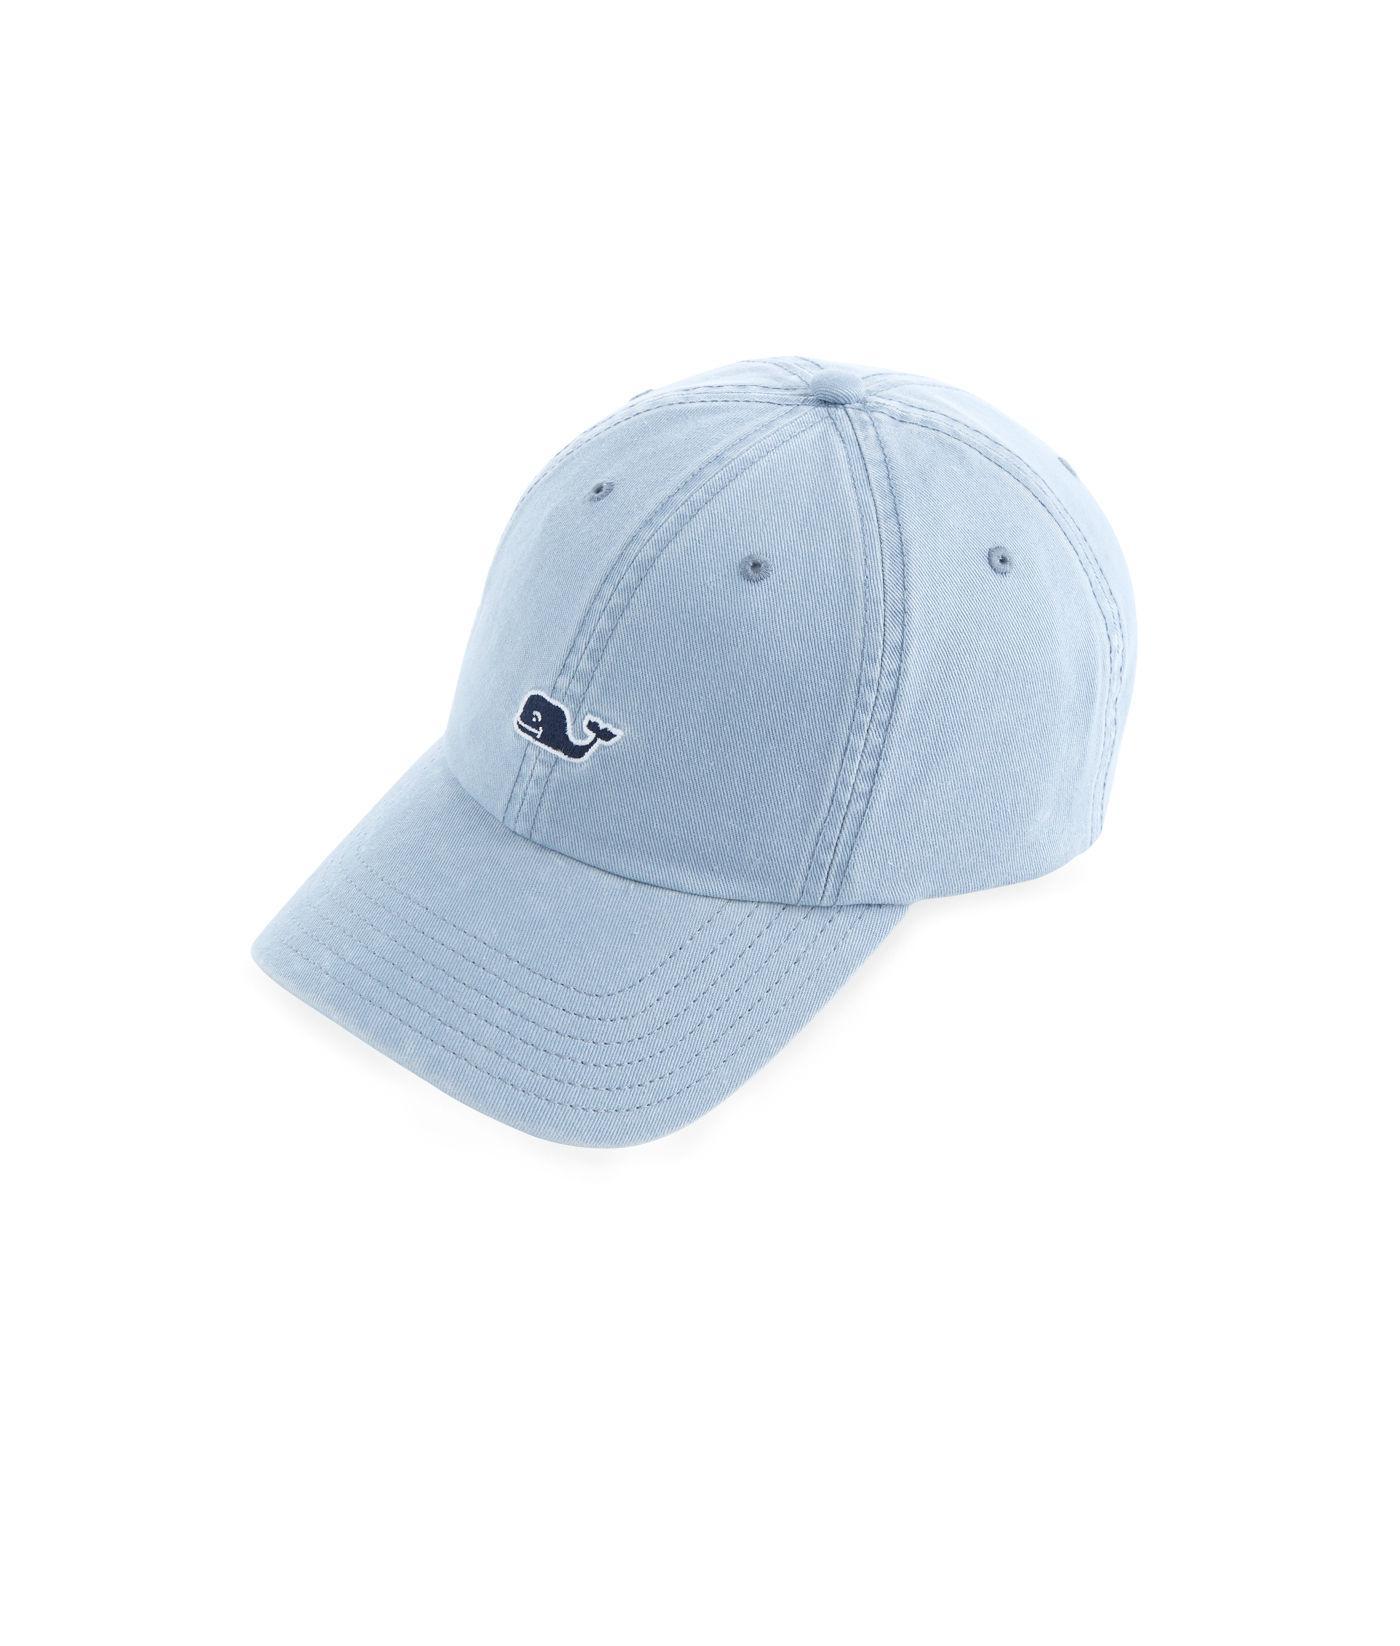 33fbb2700f0 Lyst - Vineyard Vines Whale Logo Baseball Hat in Blue for Men